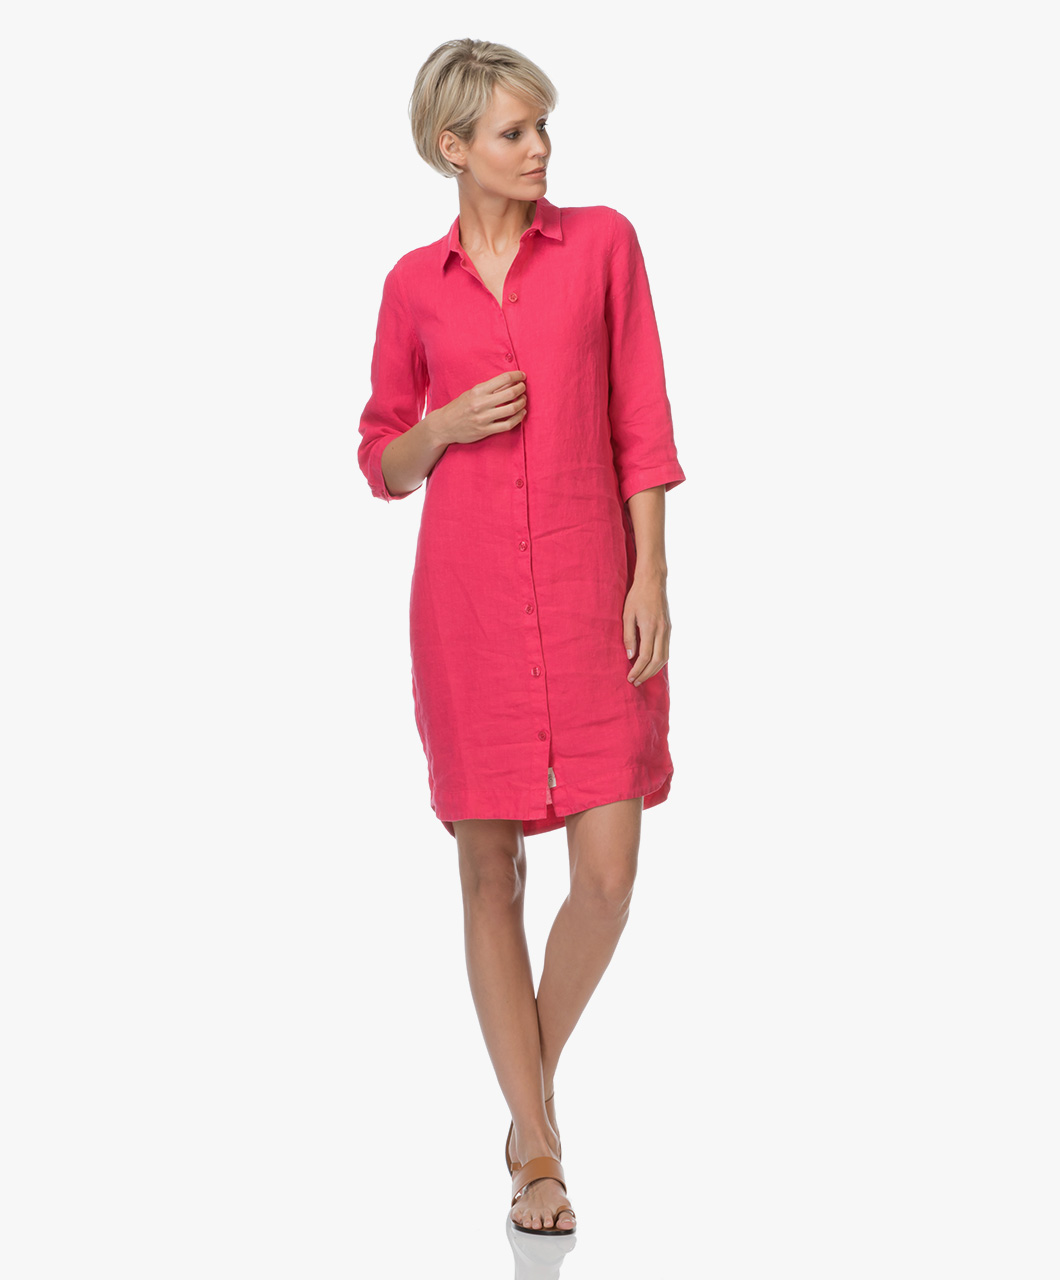 josephine en co jurk roze